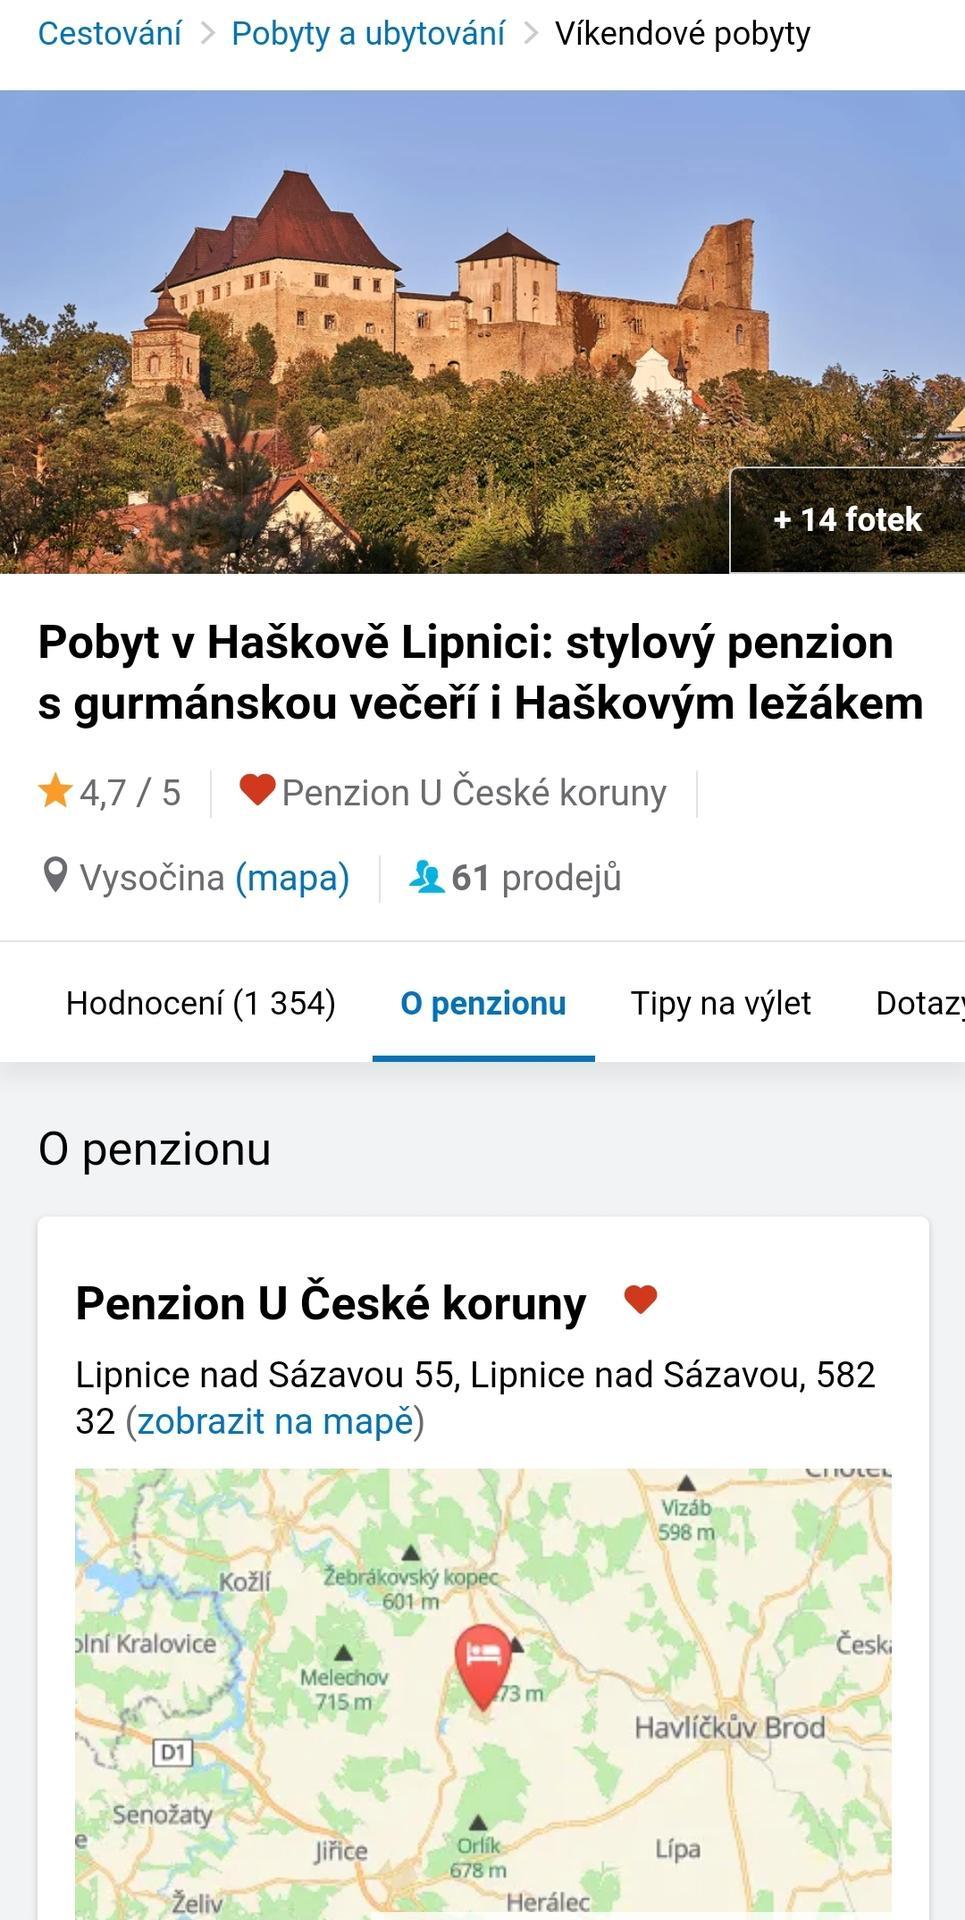 Nabízím pobyt v Lipnici... - Obrázek č. 2